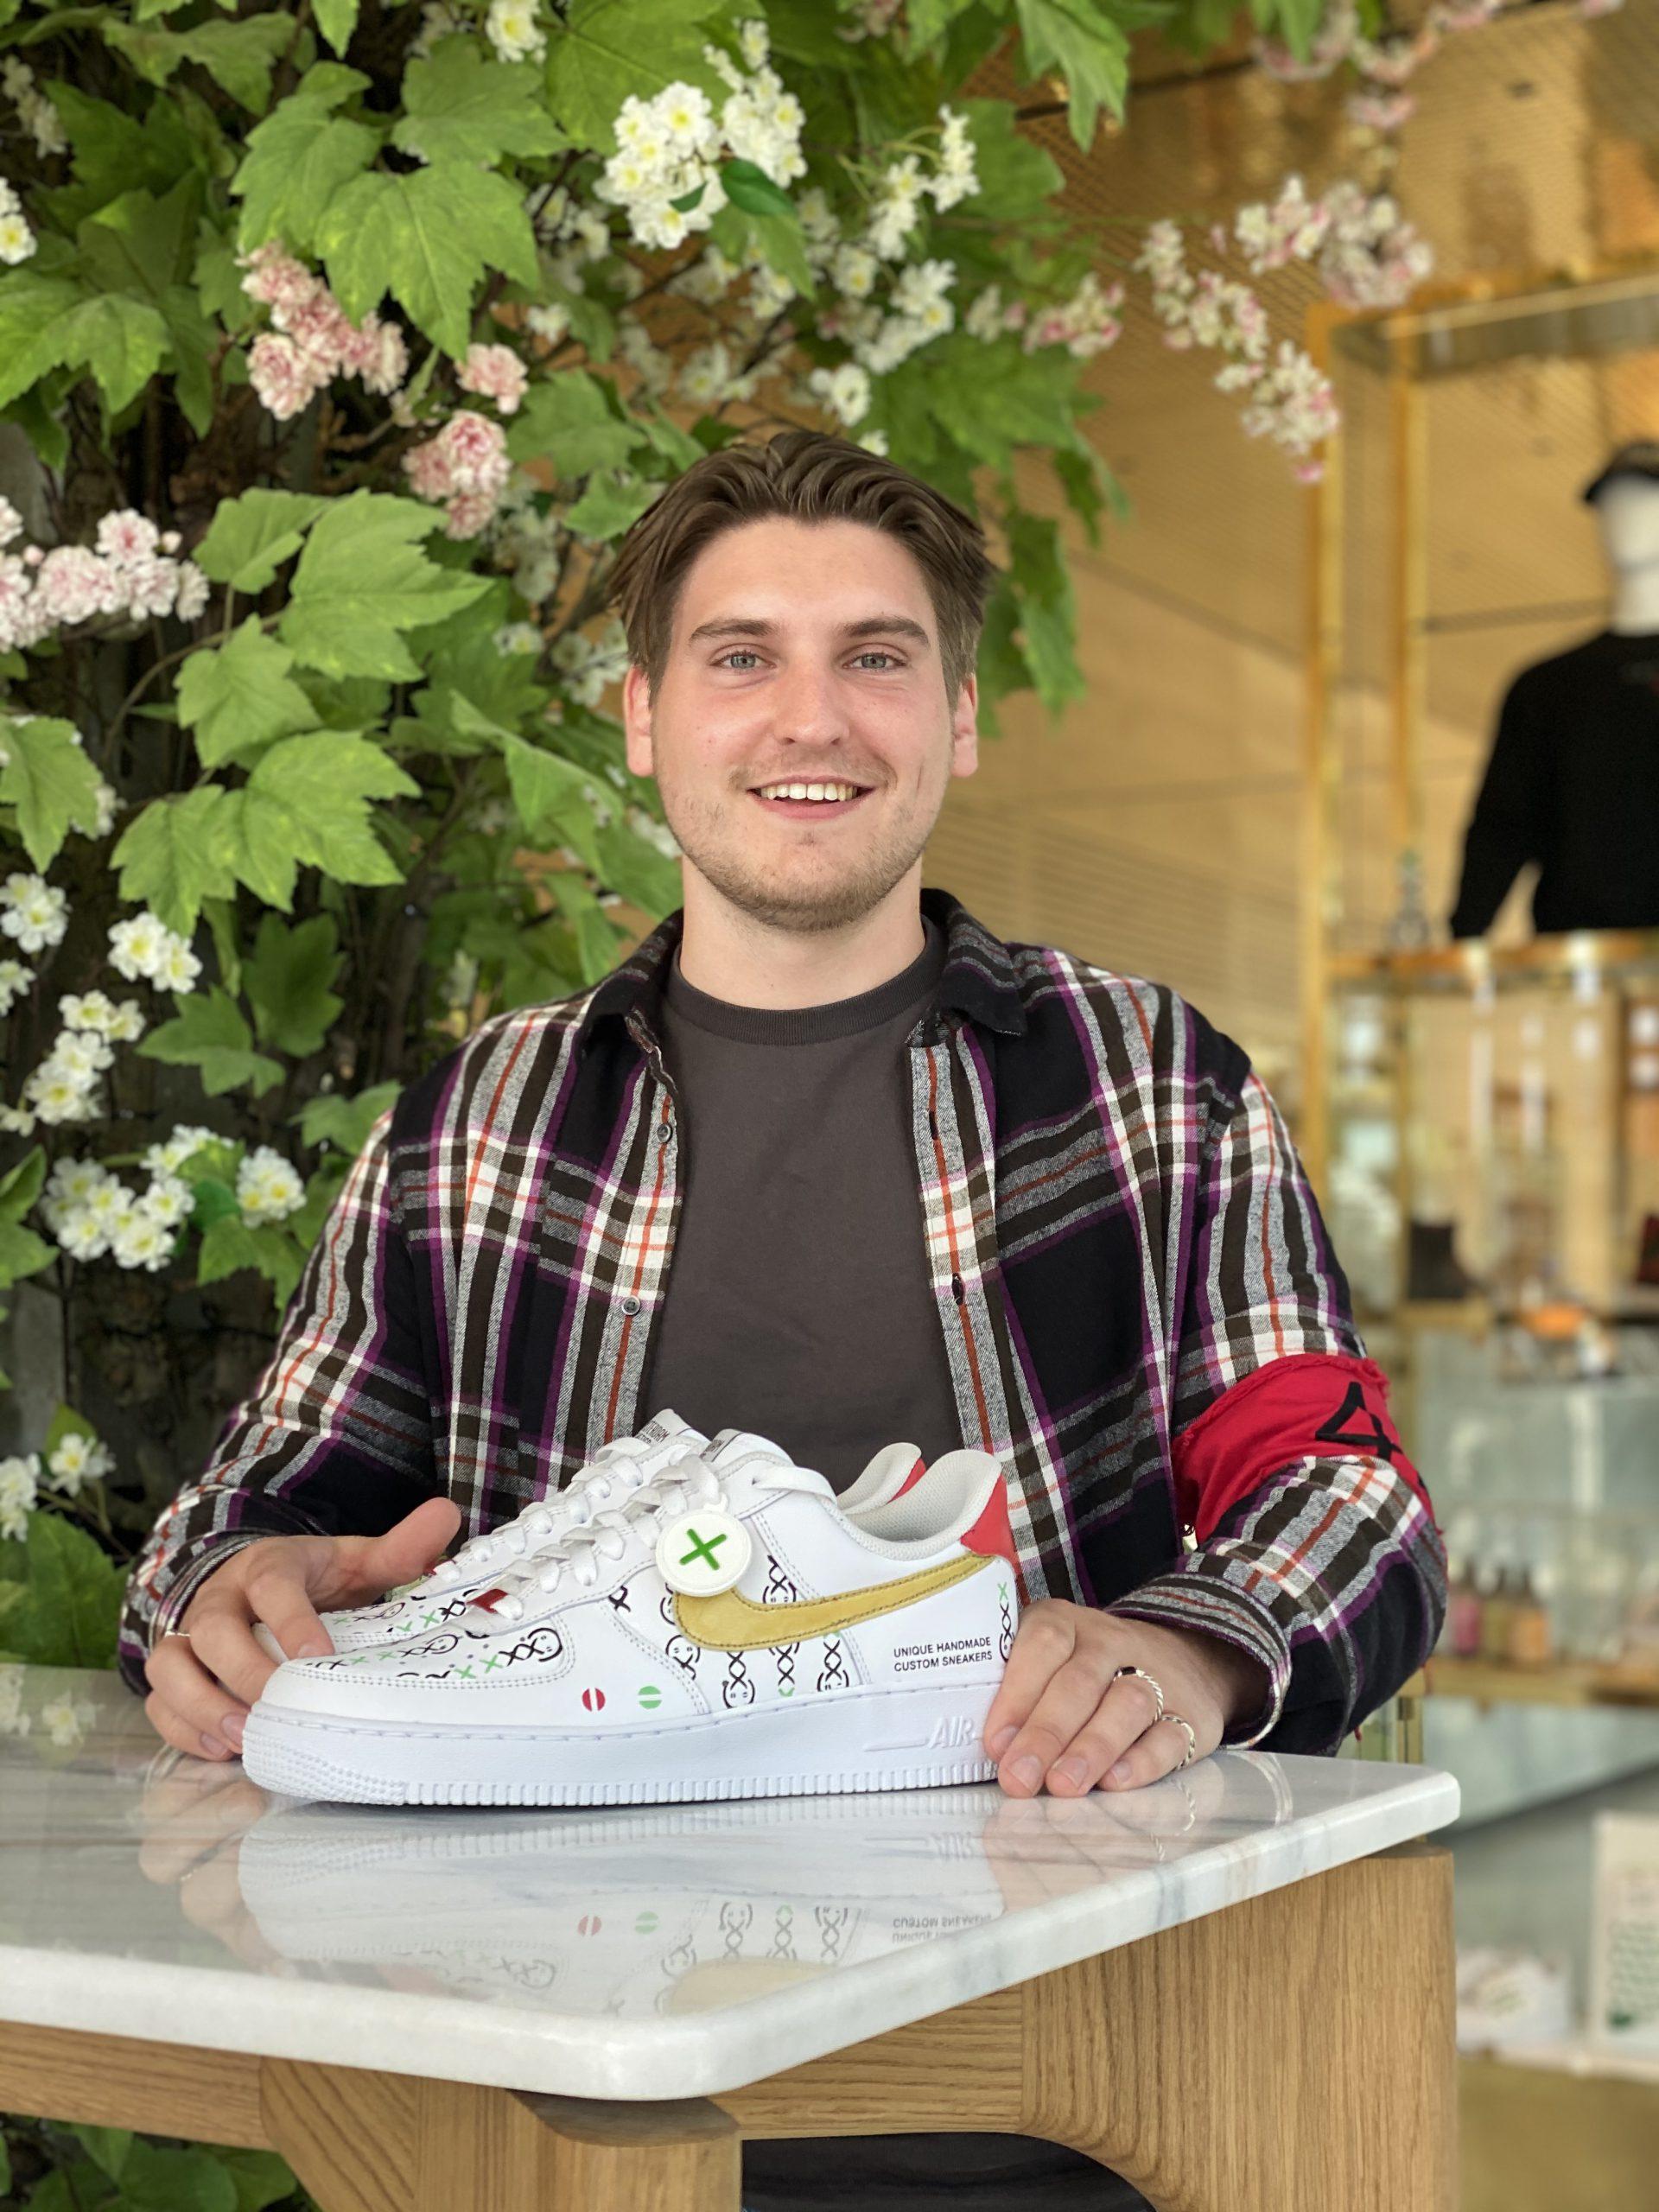 Lil custom sneakers